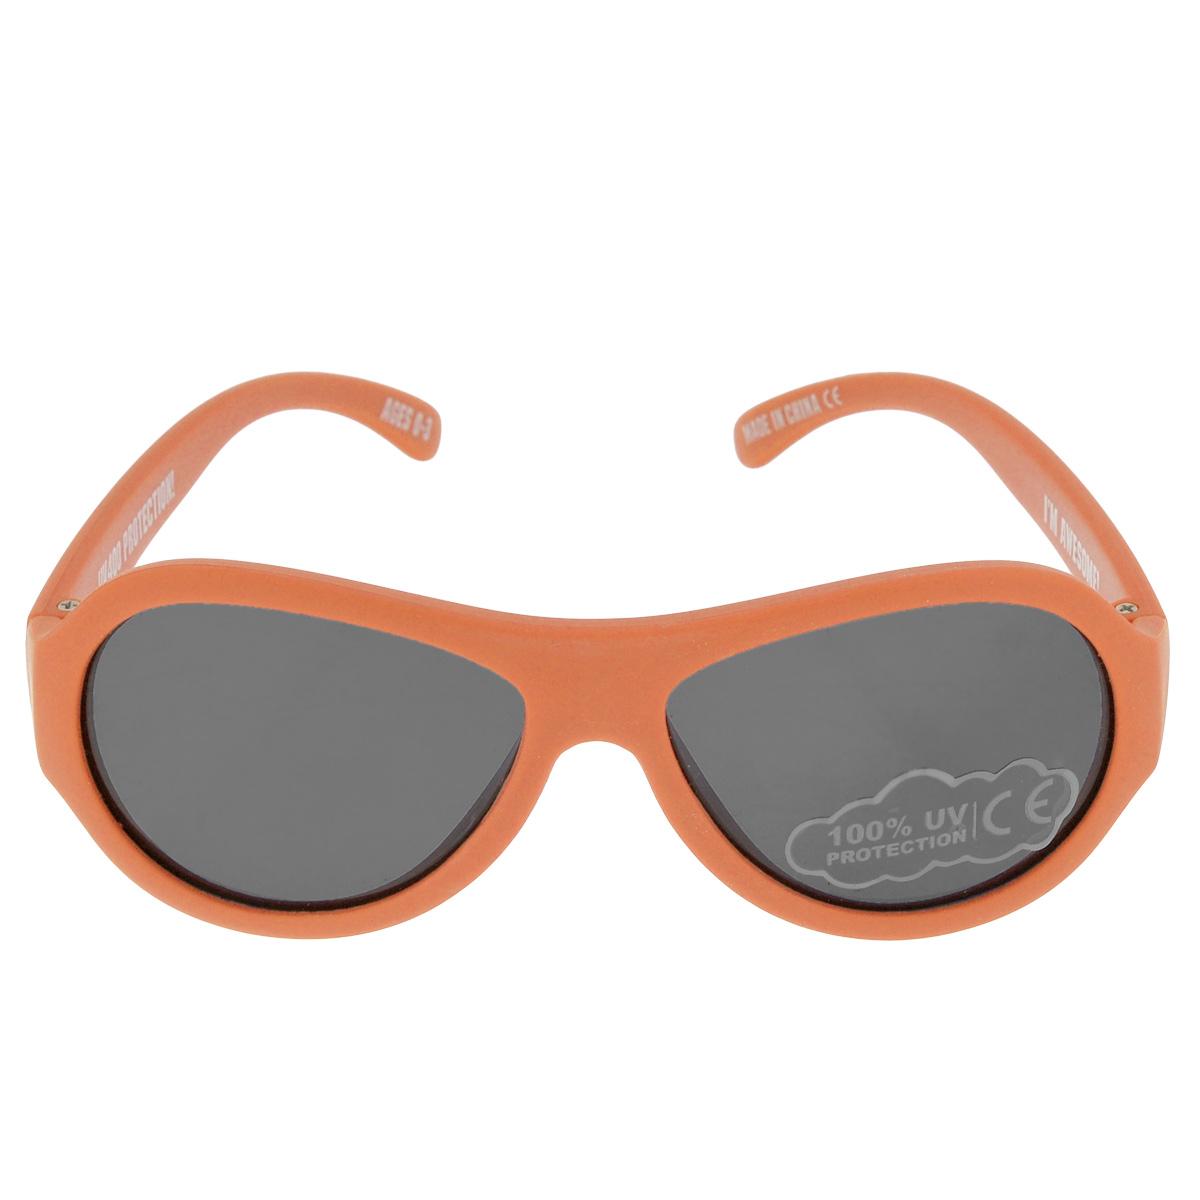 Детские солнцезащитные очки Babiators Ух ты! (OMG!), цвет: оранжевый, 0-3 летBAB-075Вы делаете все возможное, чтобы ваши дети были здоровы и в безопасности. Шлемы для езды на велосипеде, солнцезащитный крем для прогулок на солнце... Но как насчёт влияния солнца на глаза вашего ребёнка? Правда в том, что сетчатка глаза у детей развивается вместе с самим ребёнком. Это означает, что глаза малышей не могут отфильтровать УФ-излучение. Проблема понятна - детям нужна настоящая защита, чтобы глазки были в безопасности, а зрение сильным. Каждая пара солнцезащитных очков Babiators для детей обеспечивает 100% защиту от UVA и UVB. Прочные линзы высшего качества не подведут в самых сложных переделках. В отличие от обычных пластиковых очков, оправа Babiators выполнена из гибкого прорезиненного материала, что делает их ударопрочными, их можно сгибать и крутить - они не сломаются и вернутся в прежнюю форму. Не бойтесь, что ребёнок сядет на них - они всё выдержат. Будьте уверены, что очки Babiators созданы безопасными, прочными и классными, так что вы и ваш ребенок можете...